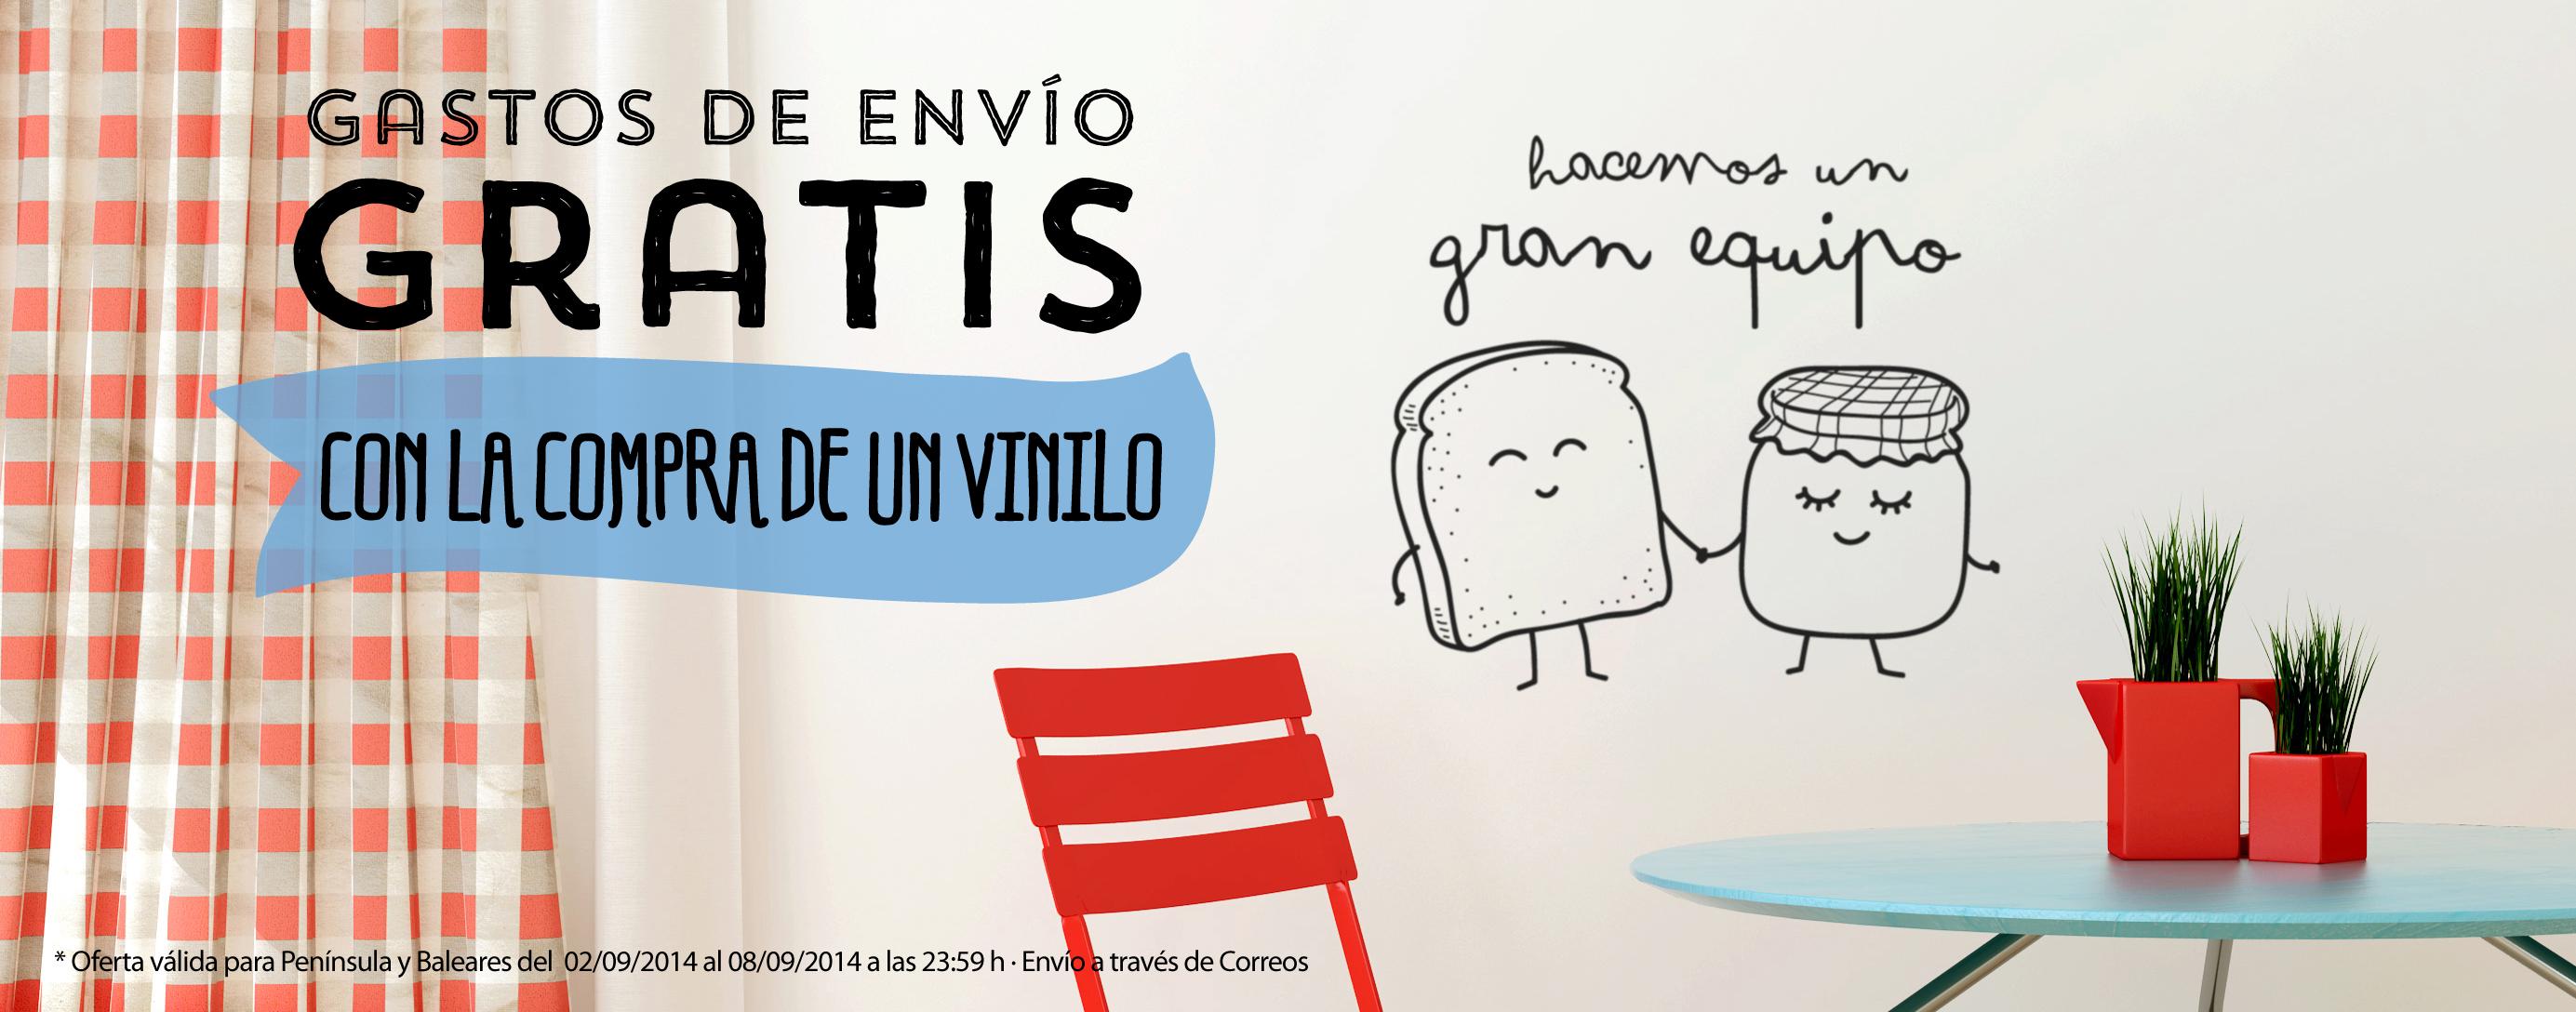 gastos_de_envio_gratis_vinilo_03